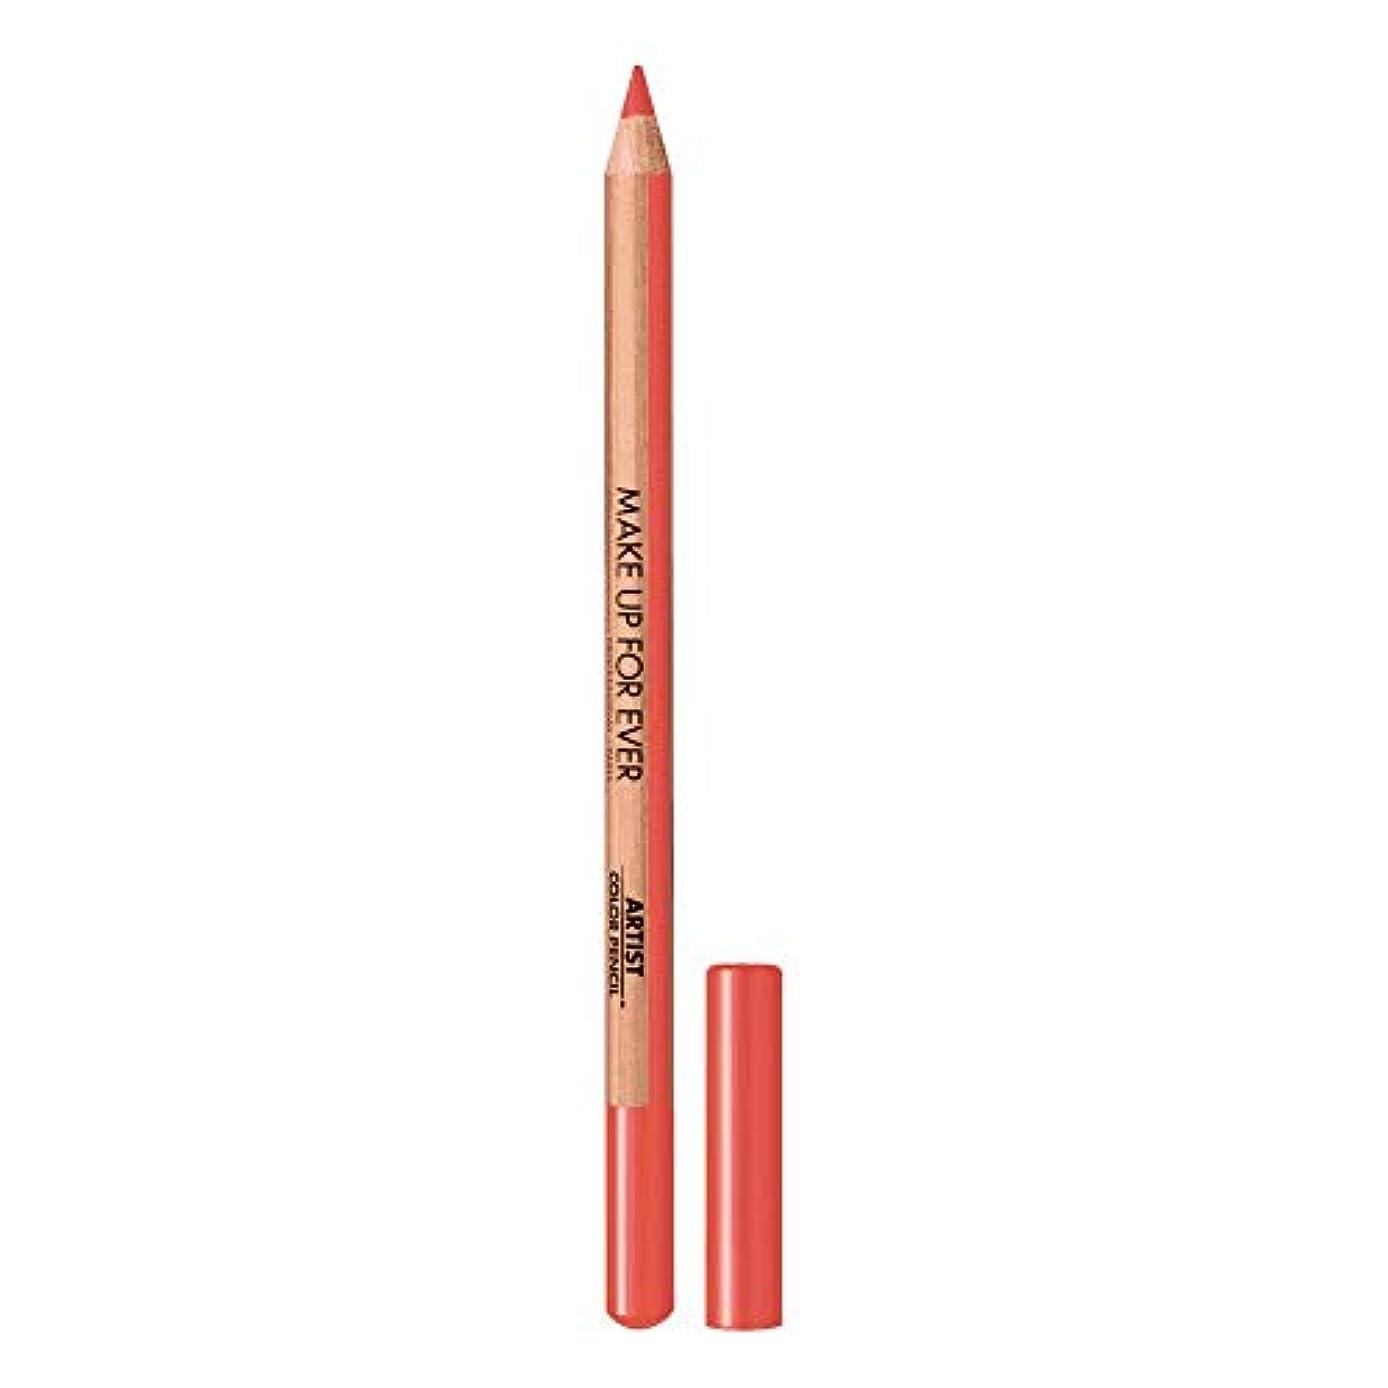 処方する脱走ぴかぴかメイクアップフォーエバー Artist Color Pencil - # 700 Wichever Coral 1.41g/0.04oz並行輸入品